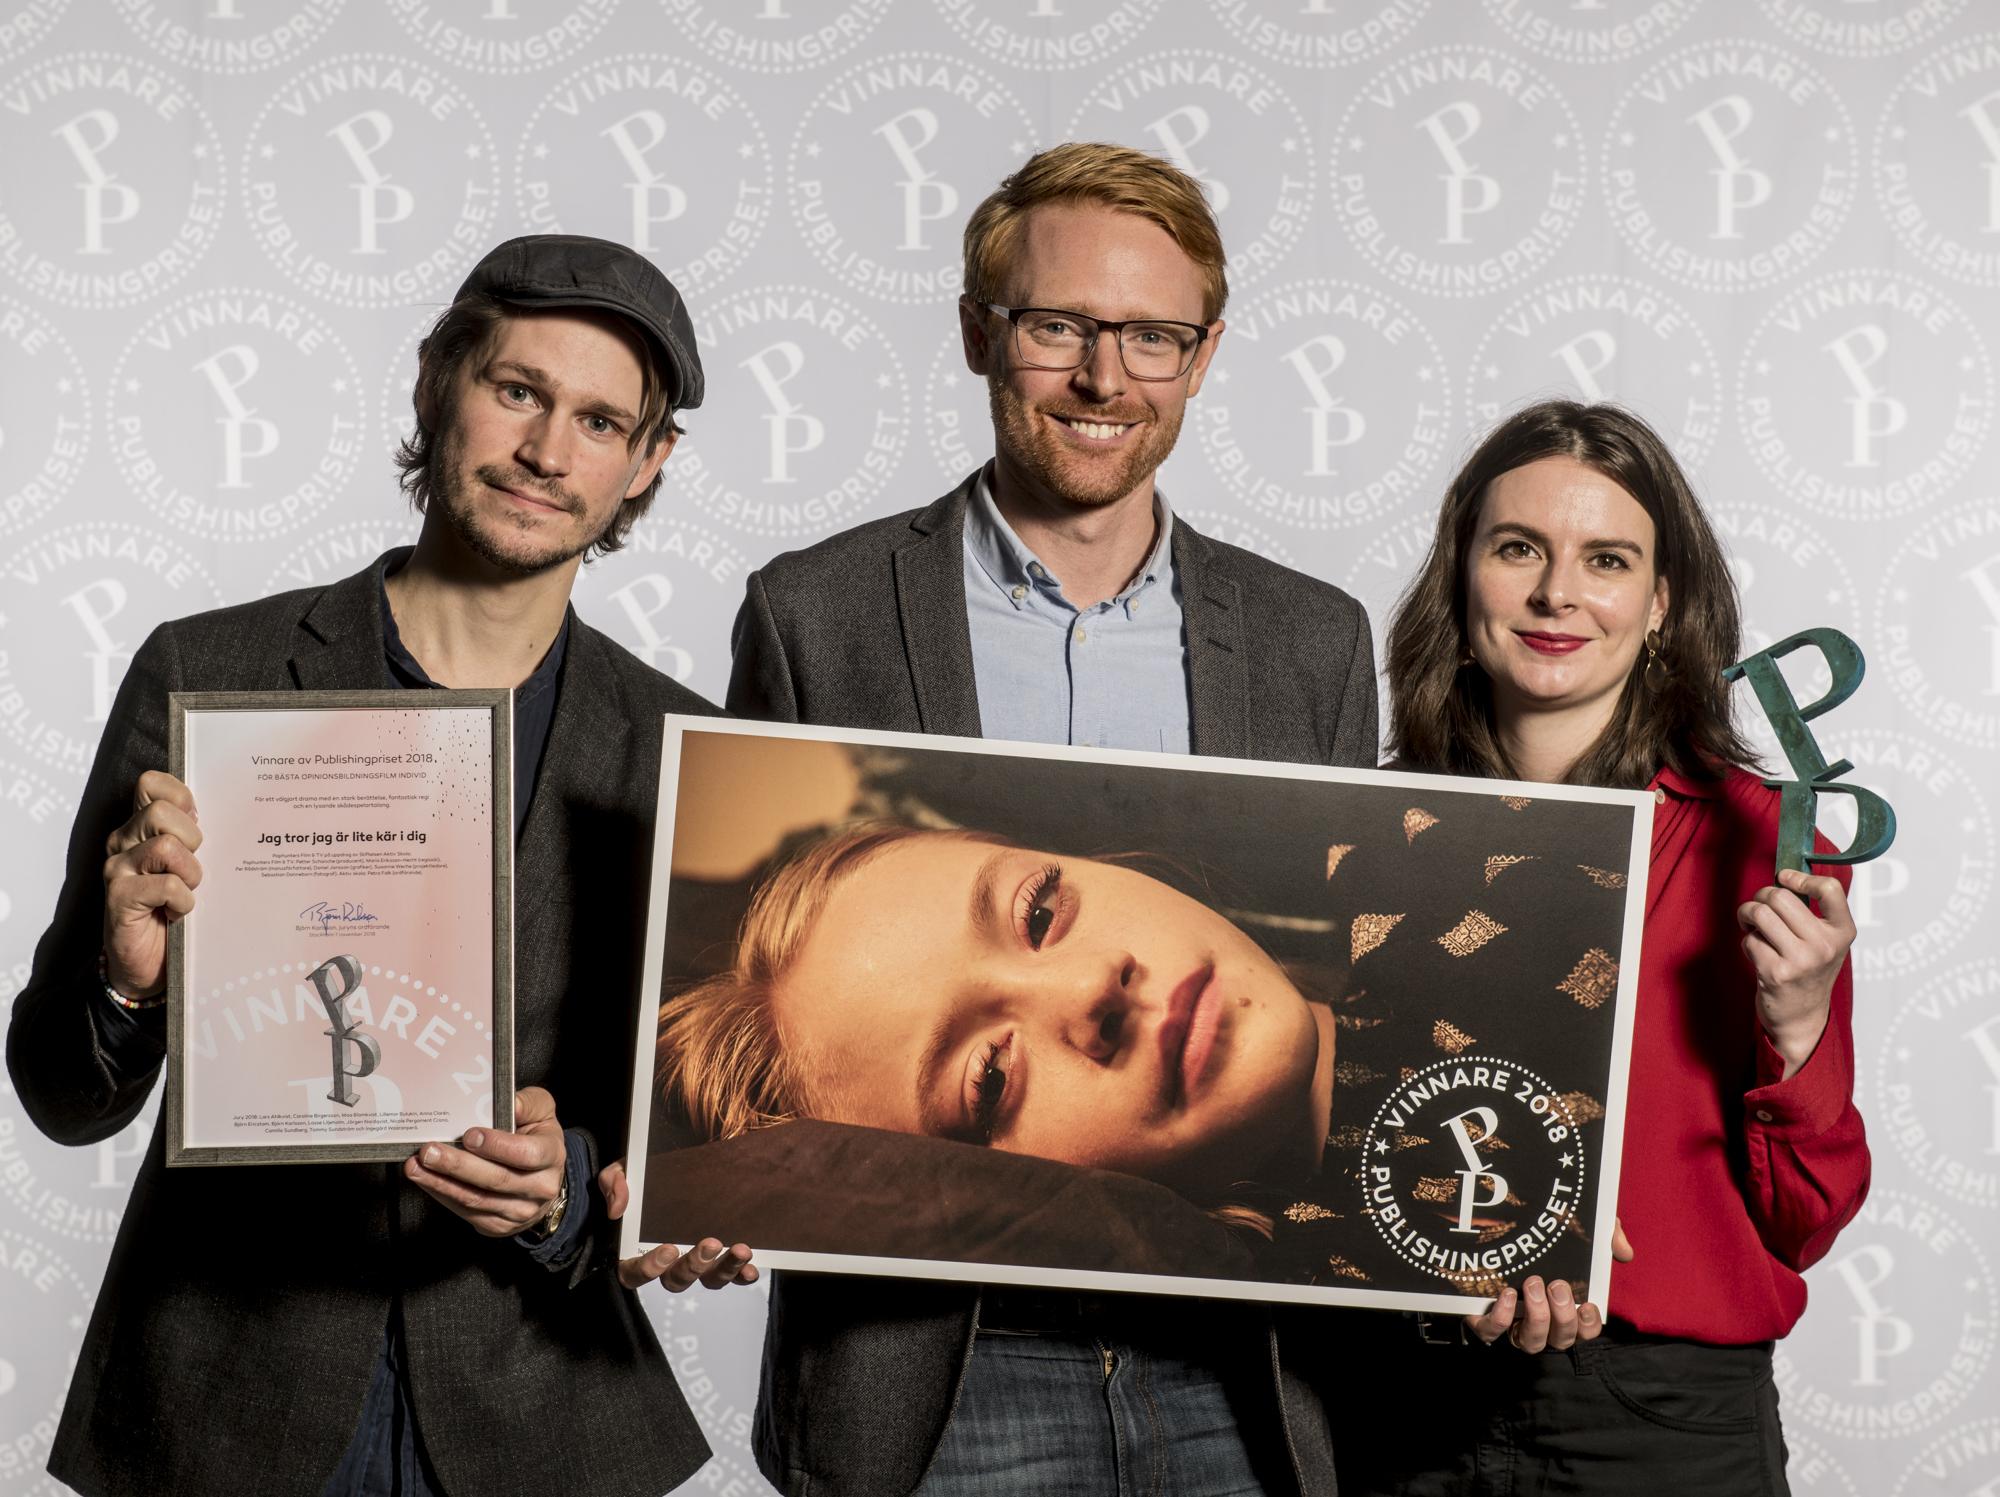 Filmens manusförfattare, producent och regissör poserar med publishingpriset